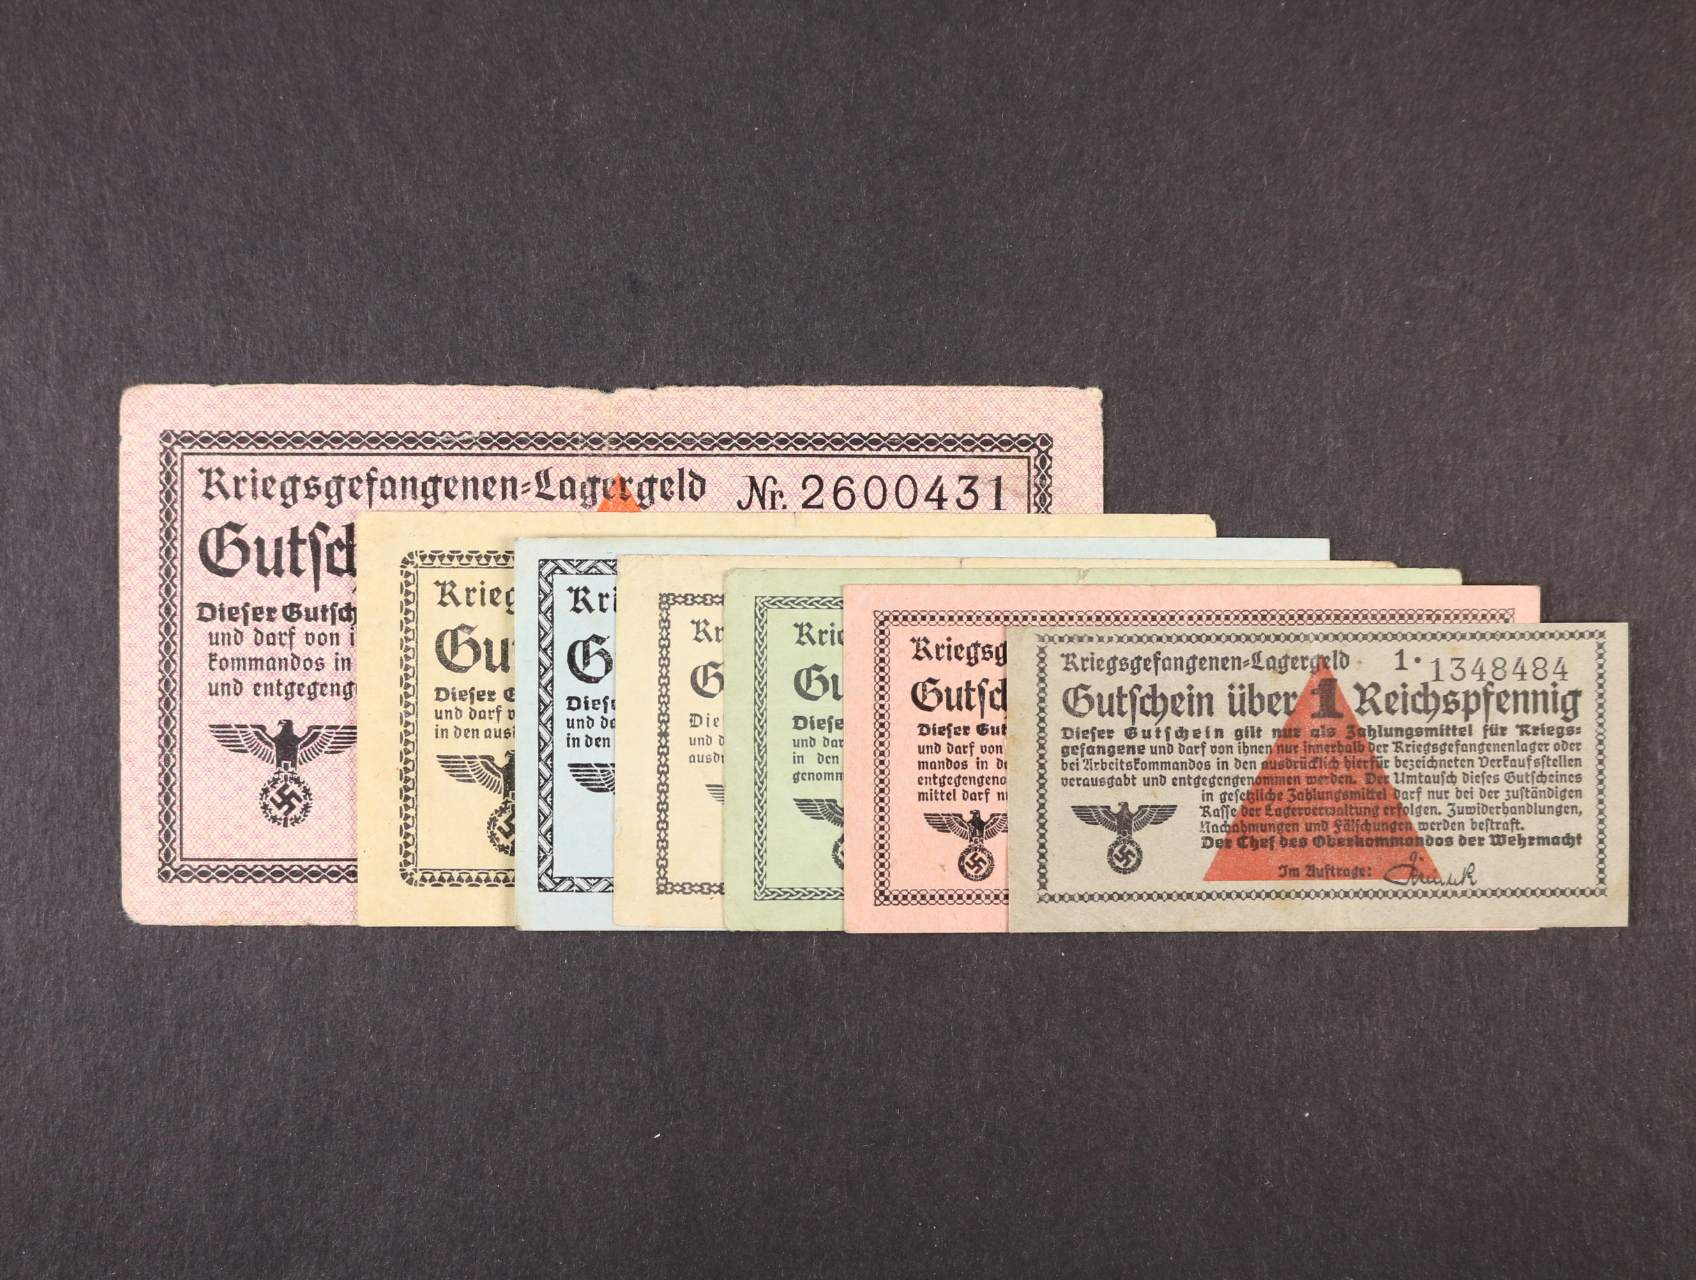 Vydání pro zajatecké tábory 1939 - 1945, sada 1, 10, 50 Rpf, 1, 2, 5, 10 Mark b.d., Ro. 515, 516, 517b, 518, 519a, 520b, 521a